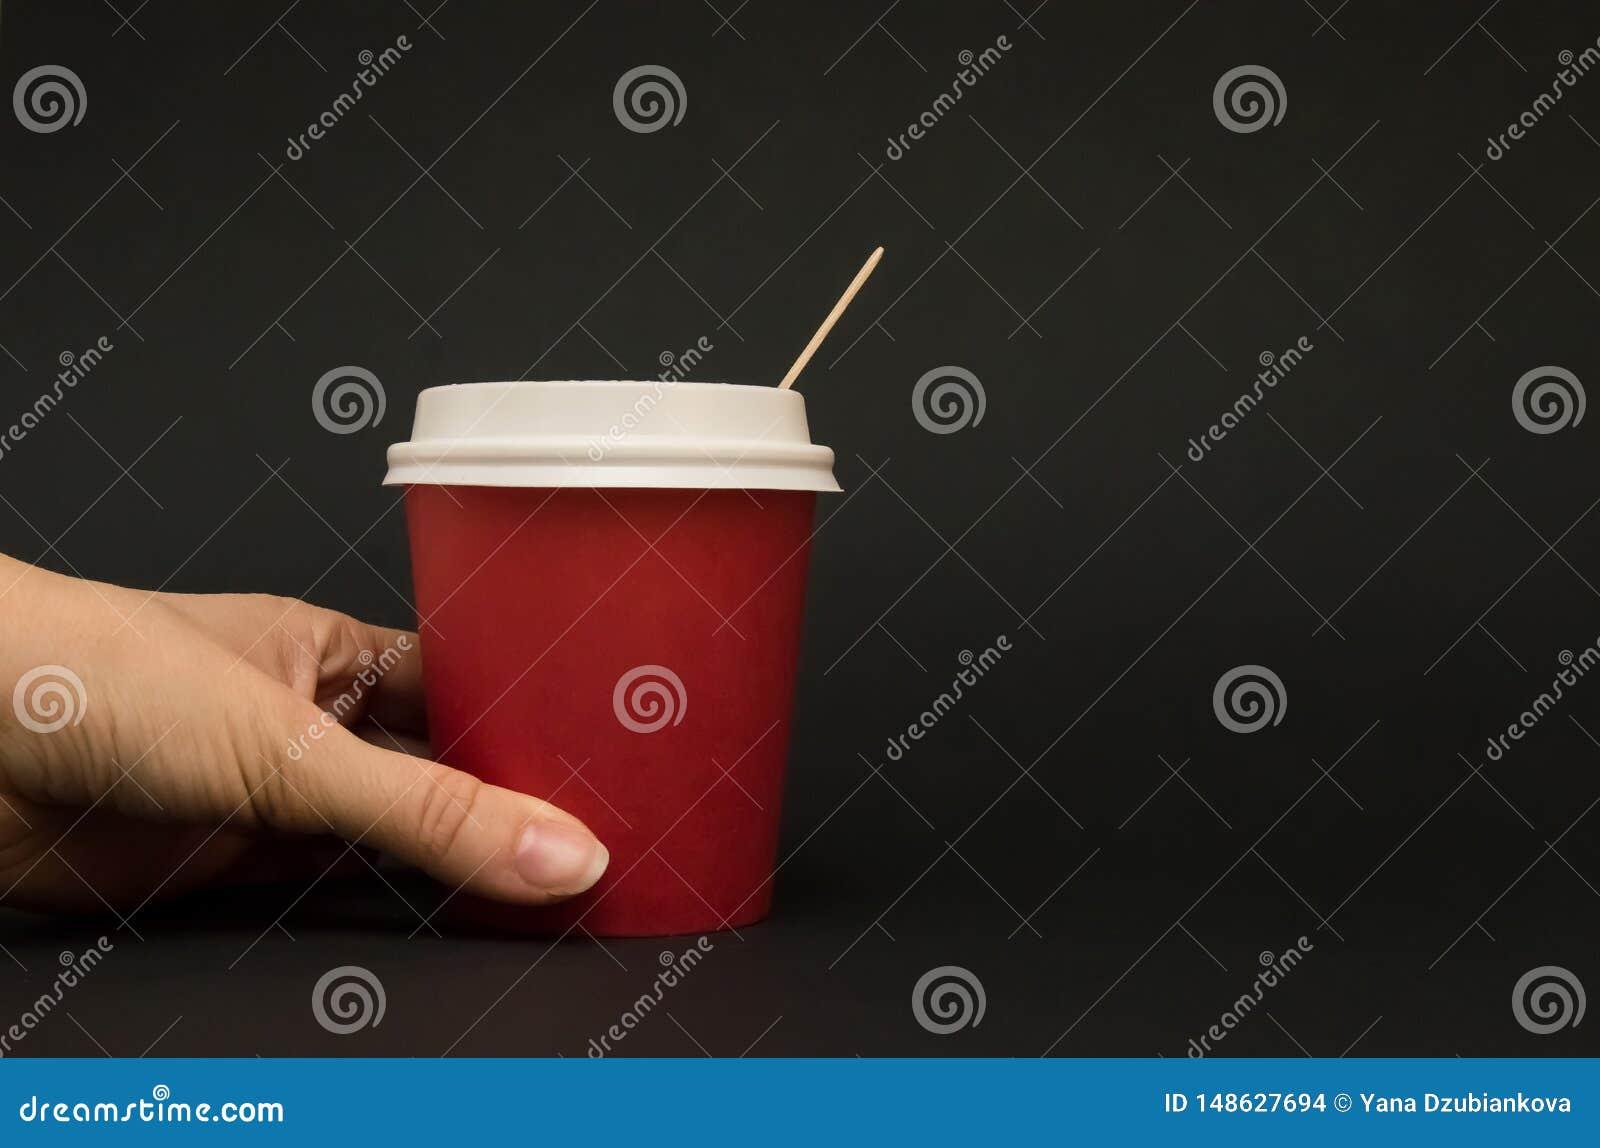 Красный бумажный стаканчик для кофе с крышкой на черной предпосылке, рука держит бумажный стаканчик